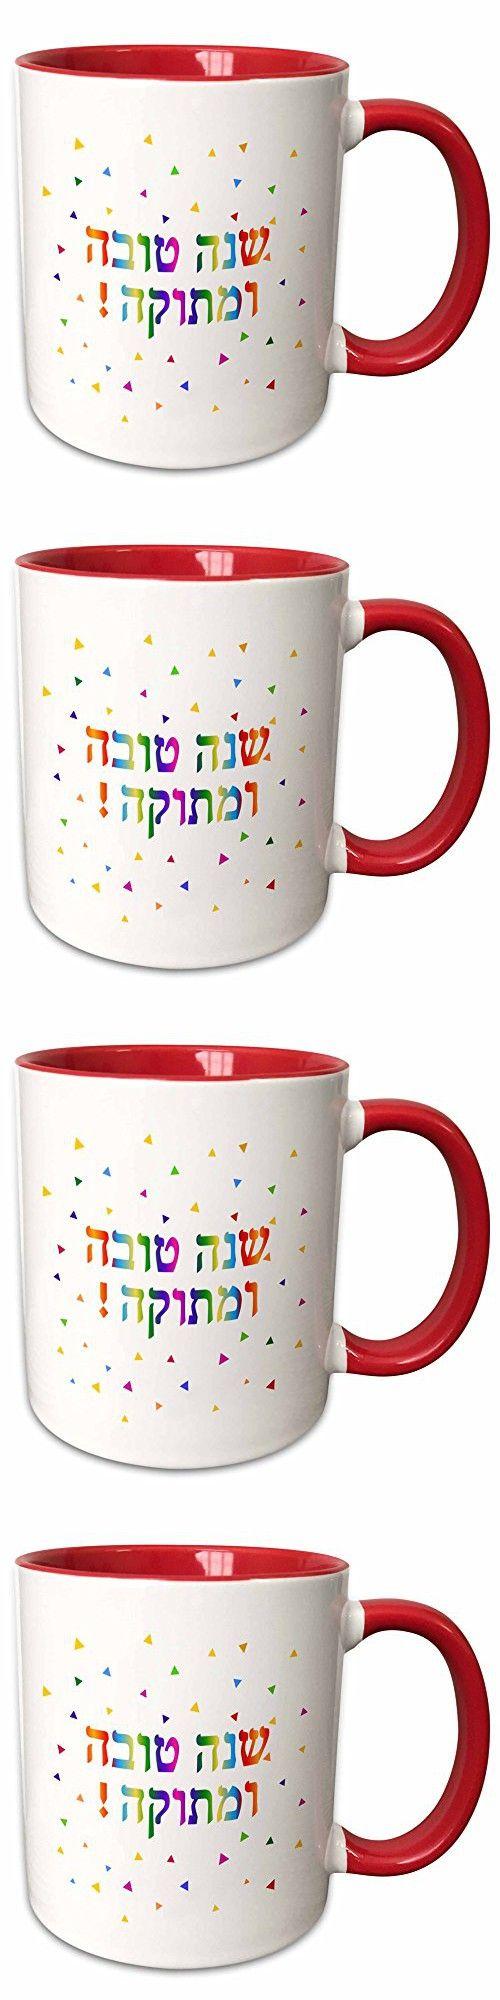 InspirationzStore Judaica - Shana tova umetukah - Rosh Hashanah greeting for Jewish New Year - 11oz Two-Tone Red Mug (mug_202091_5)